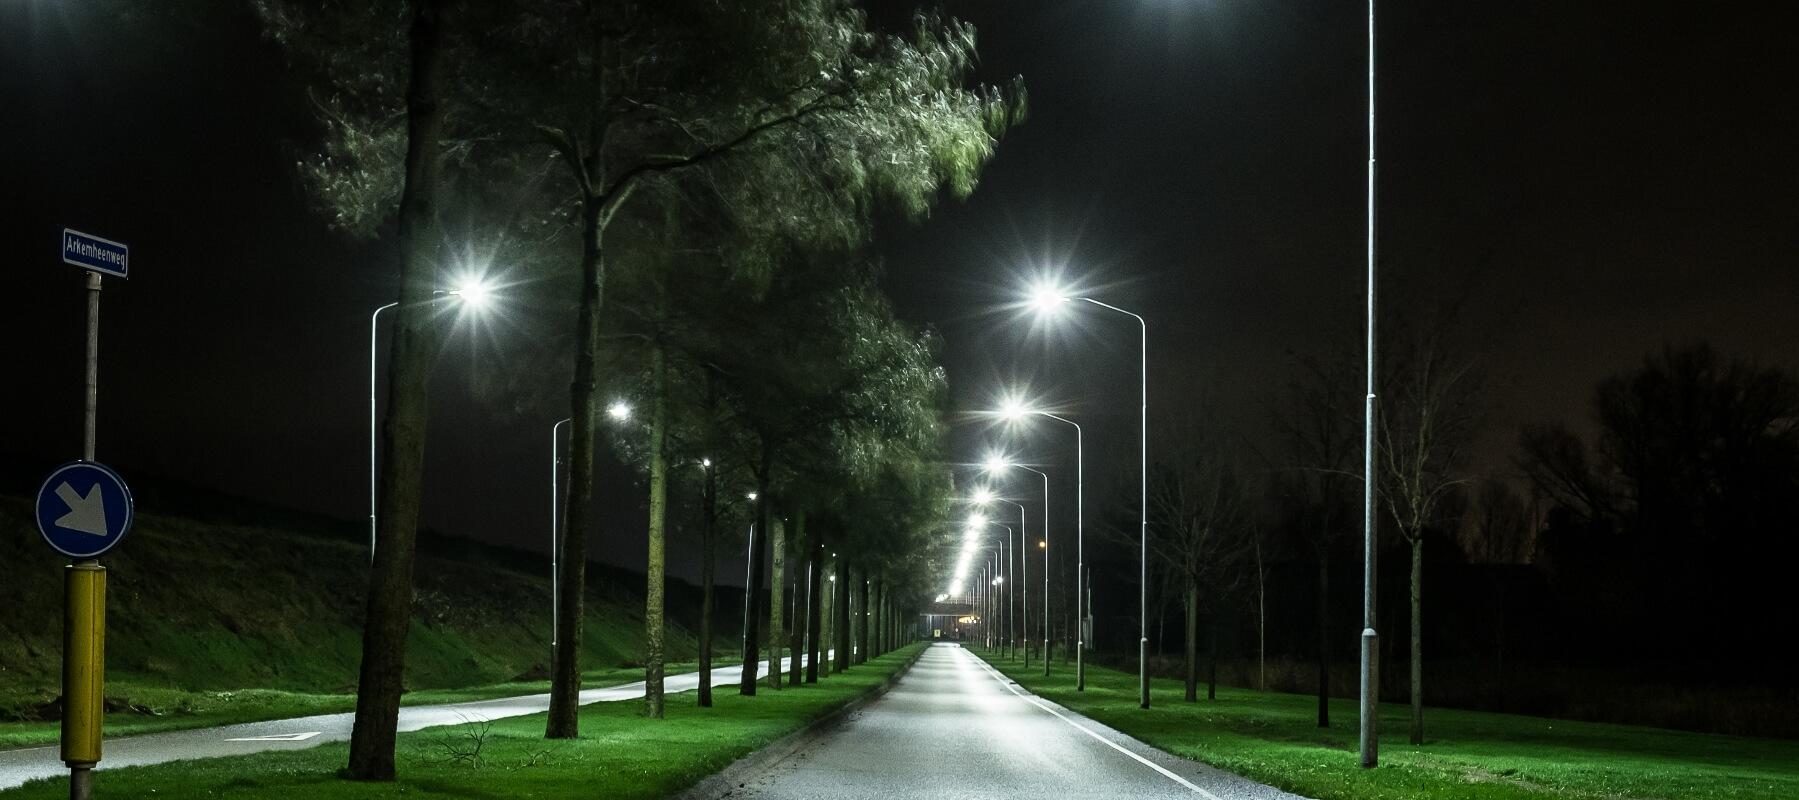 Beautiful Verlichting Nijkerk inspiratie - Ideeën & Huis inrichten ...